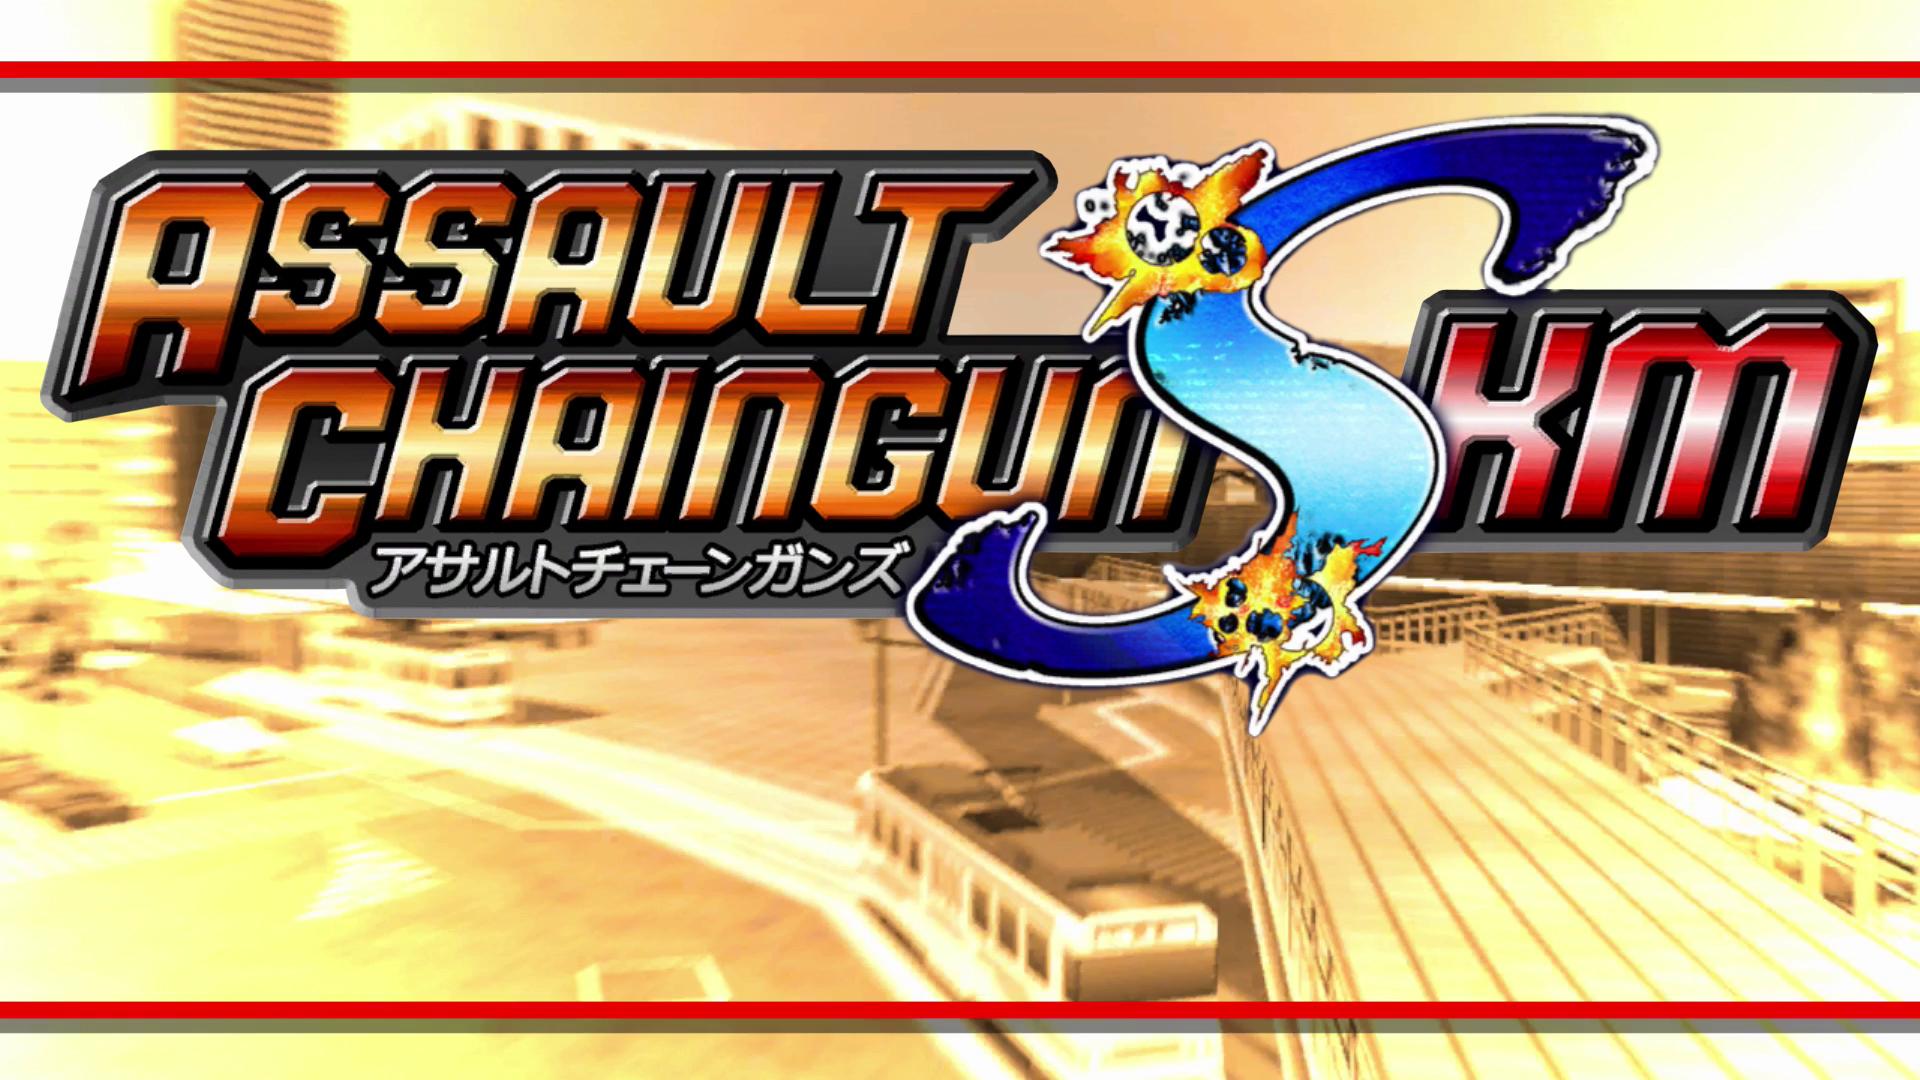 海外Nintendo Switch版として『アサルトチェーンガンズKM』を発売